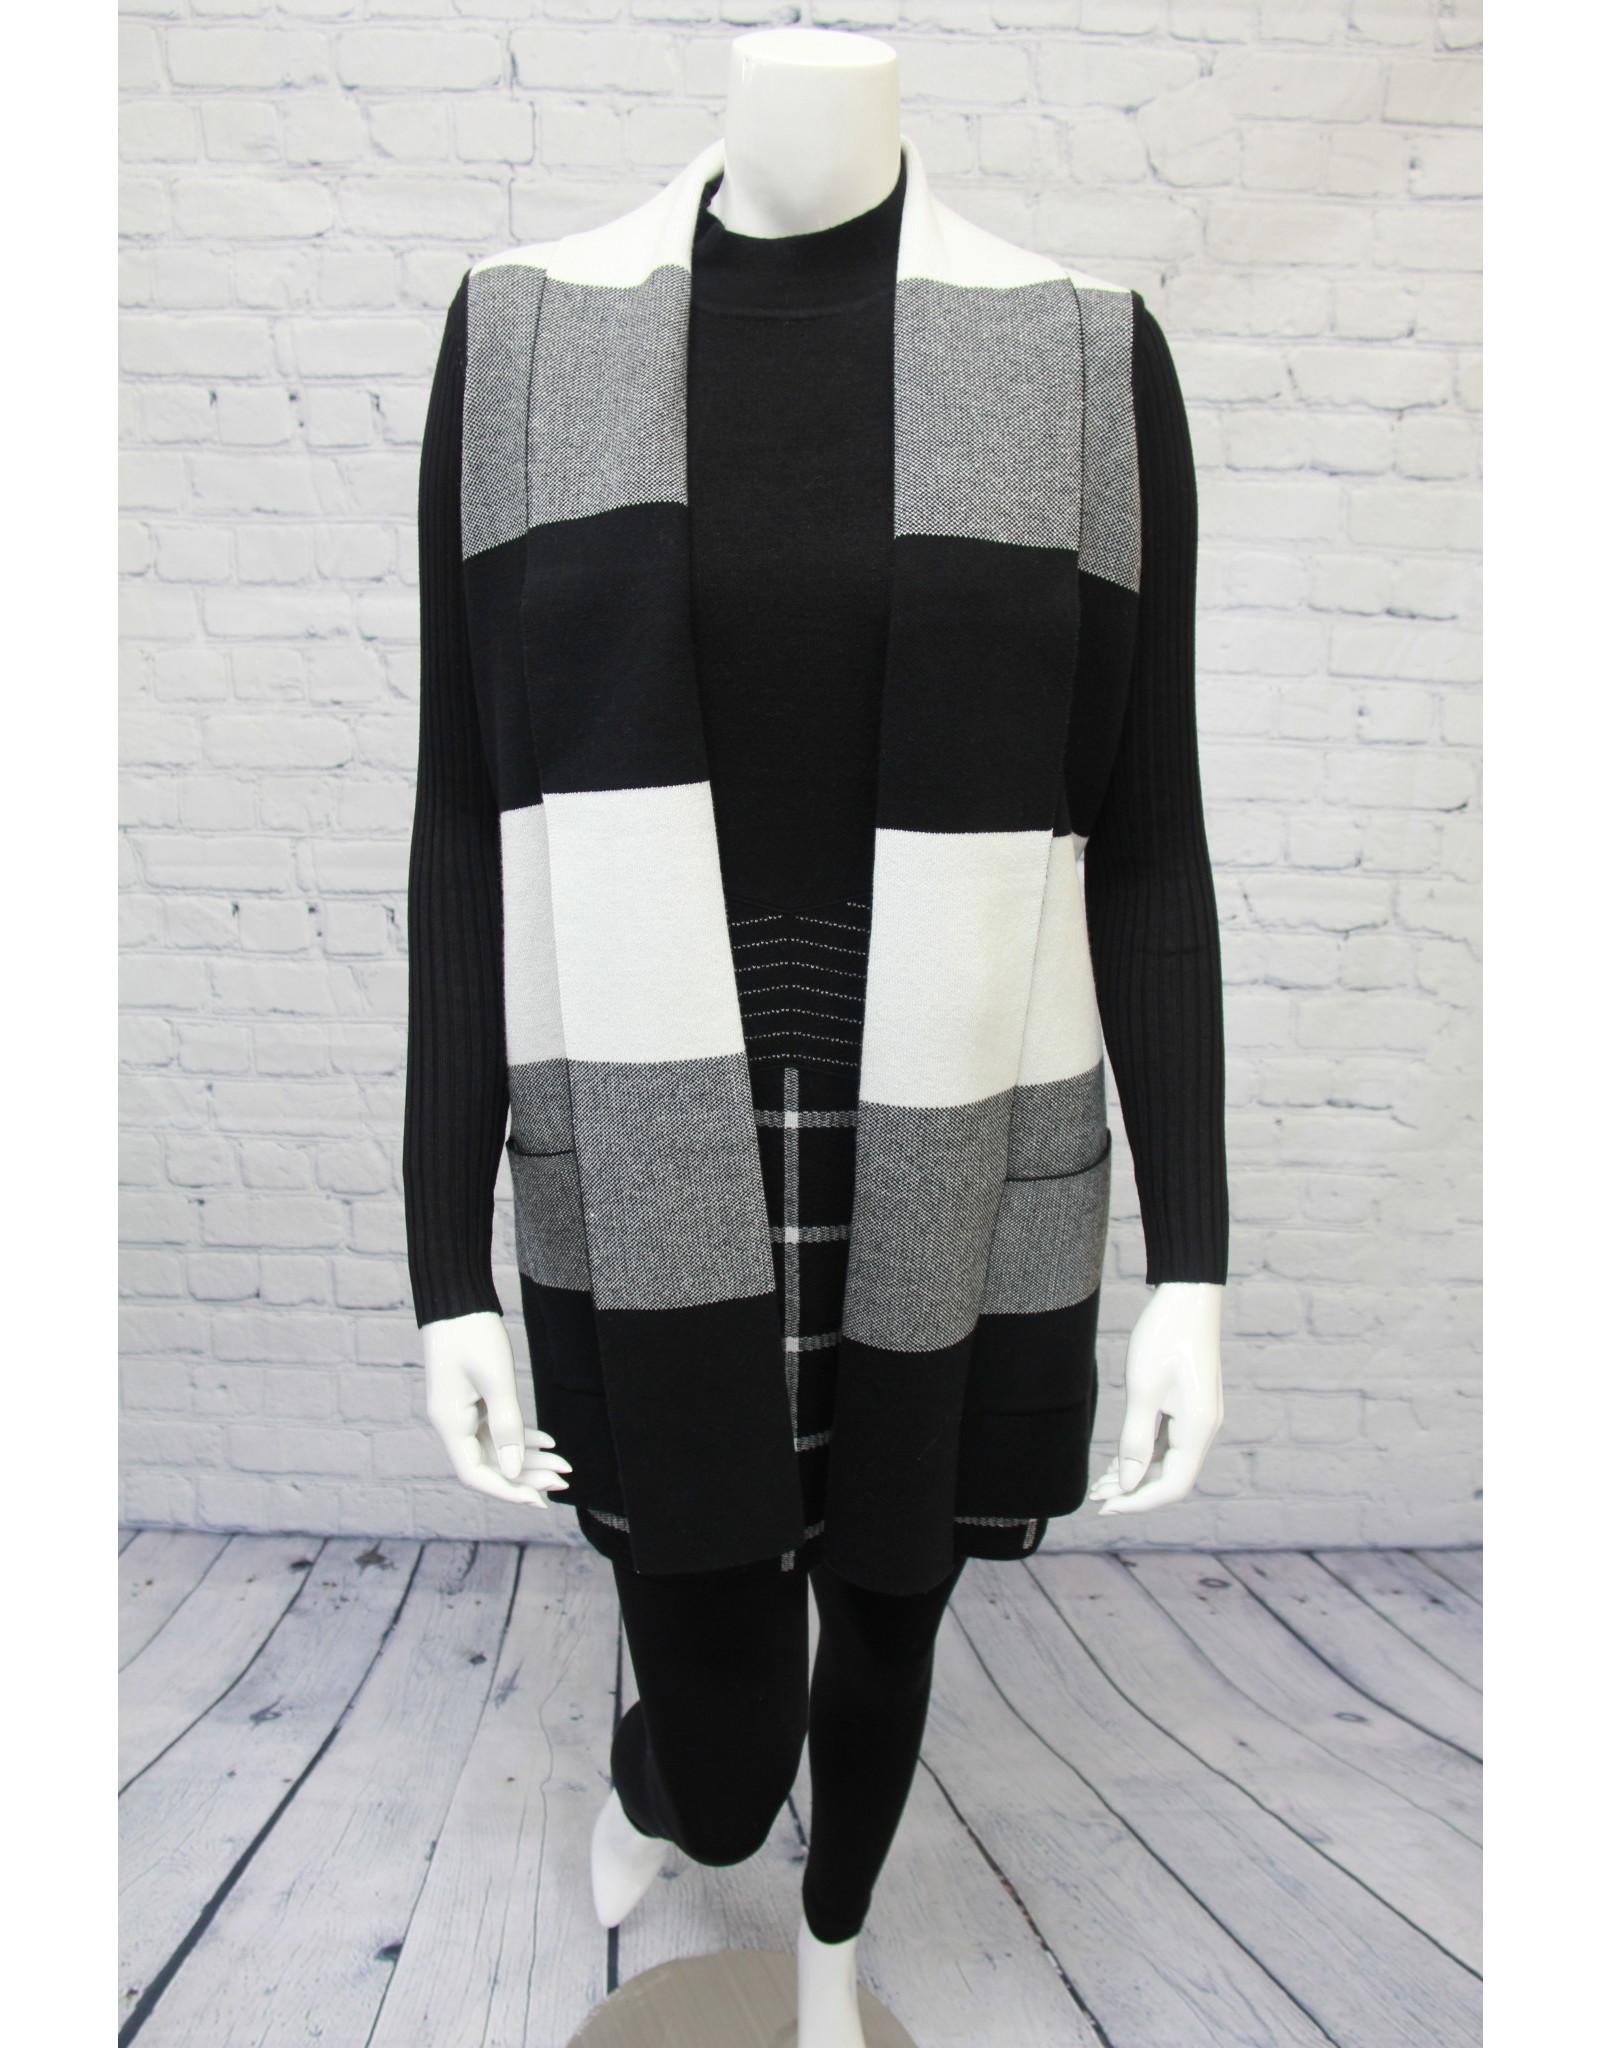 Marble Black/White Vest